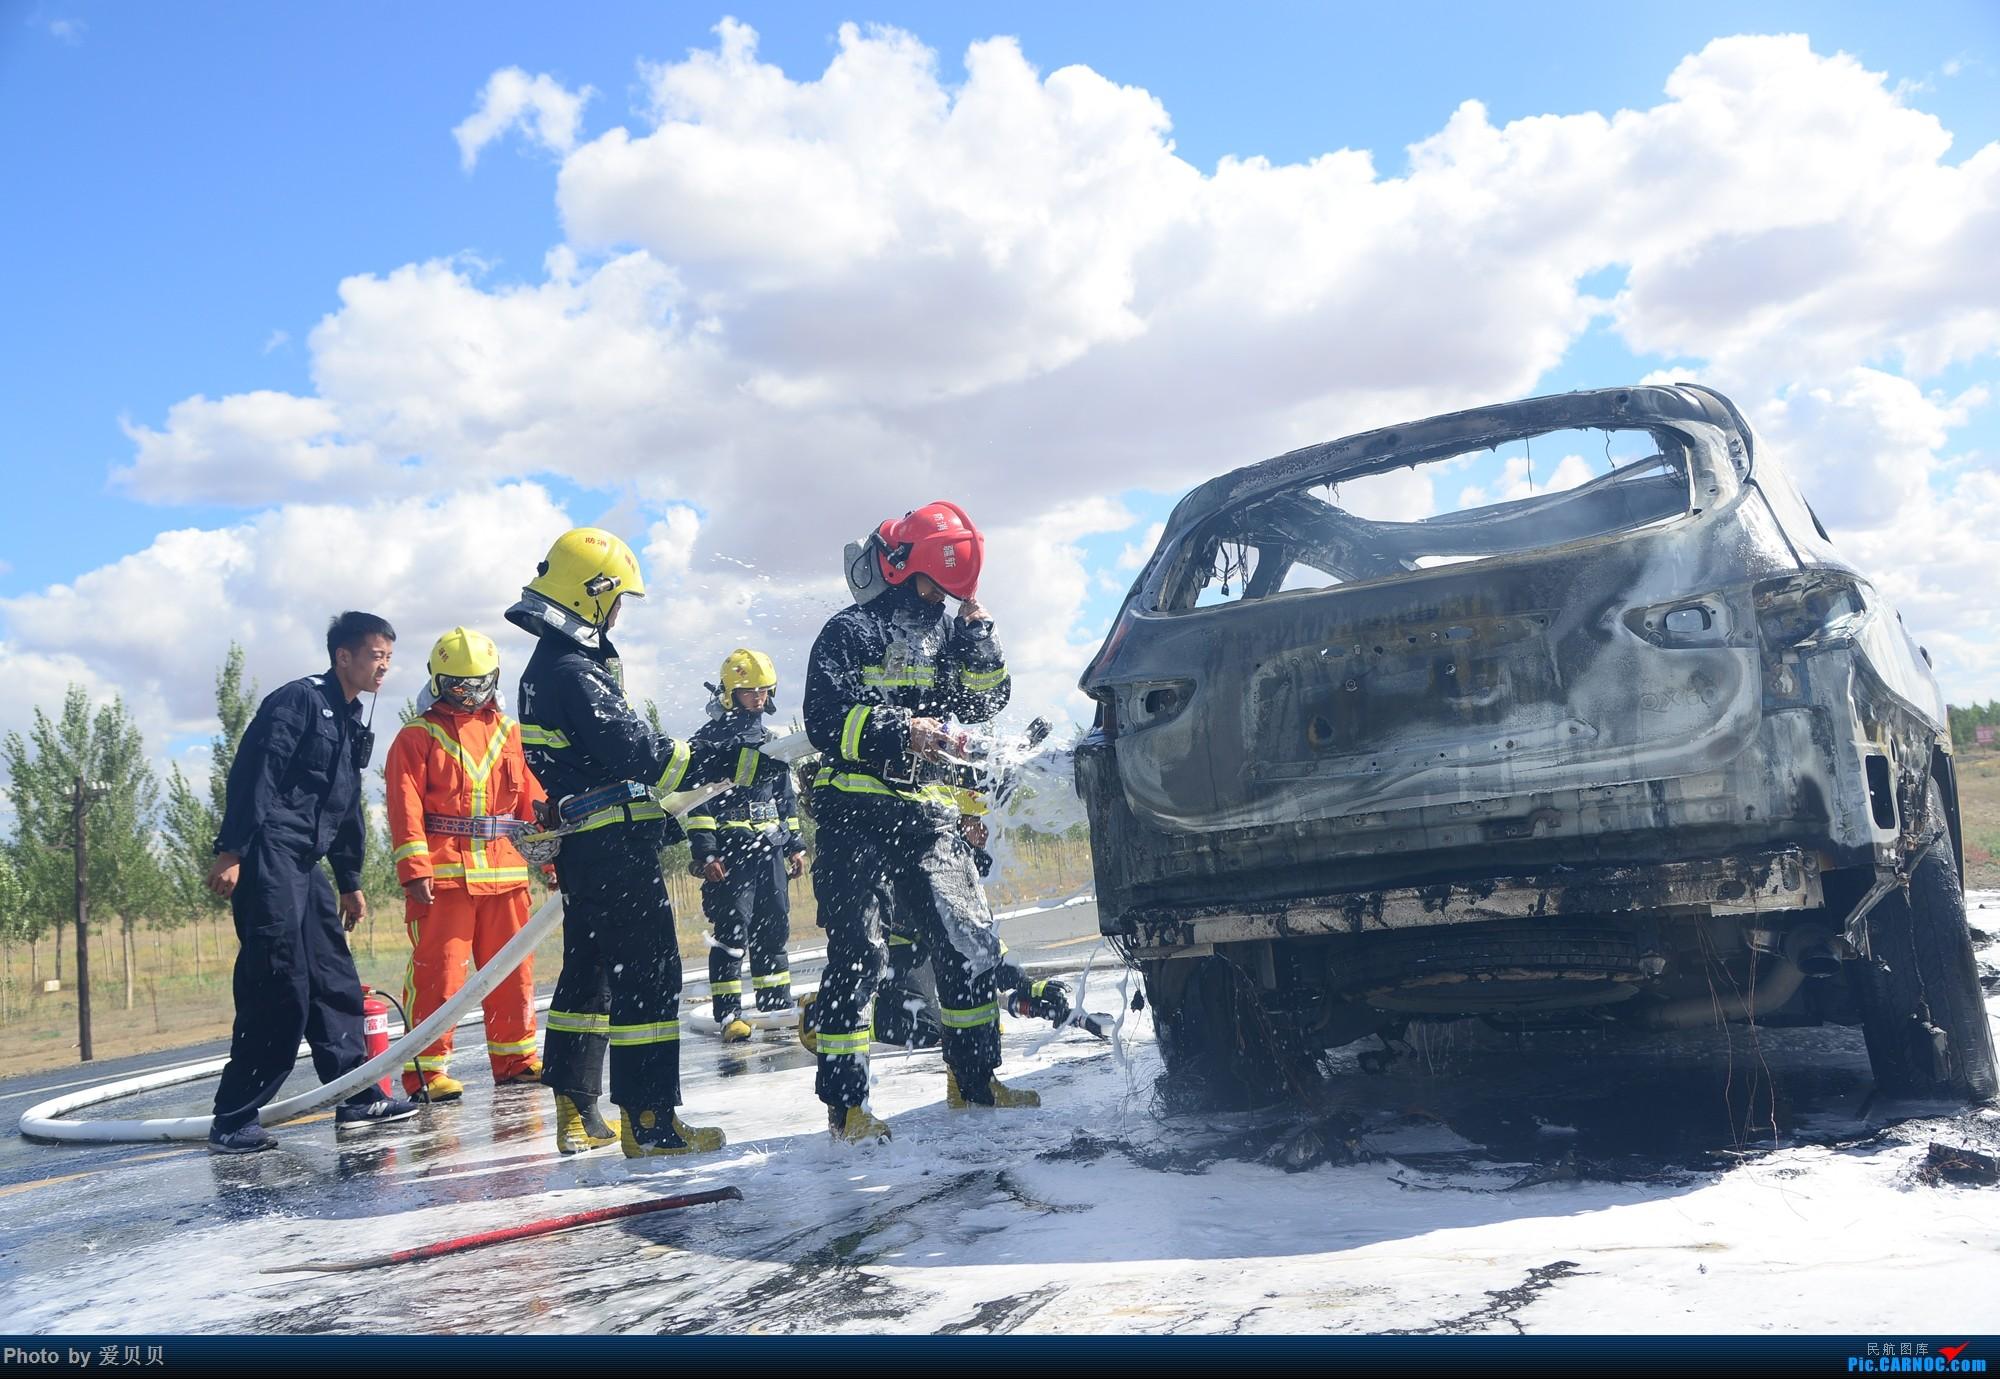 富蕴机场消防紧急出动处置事故